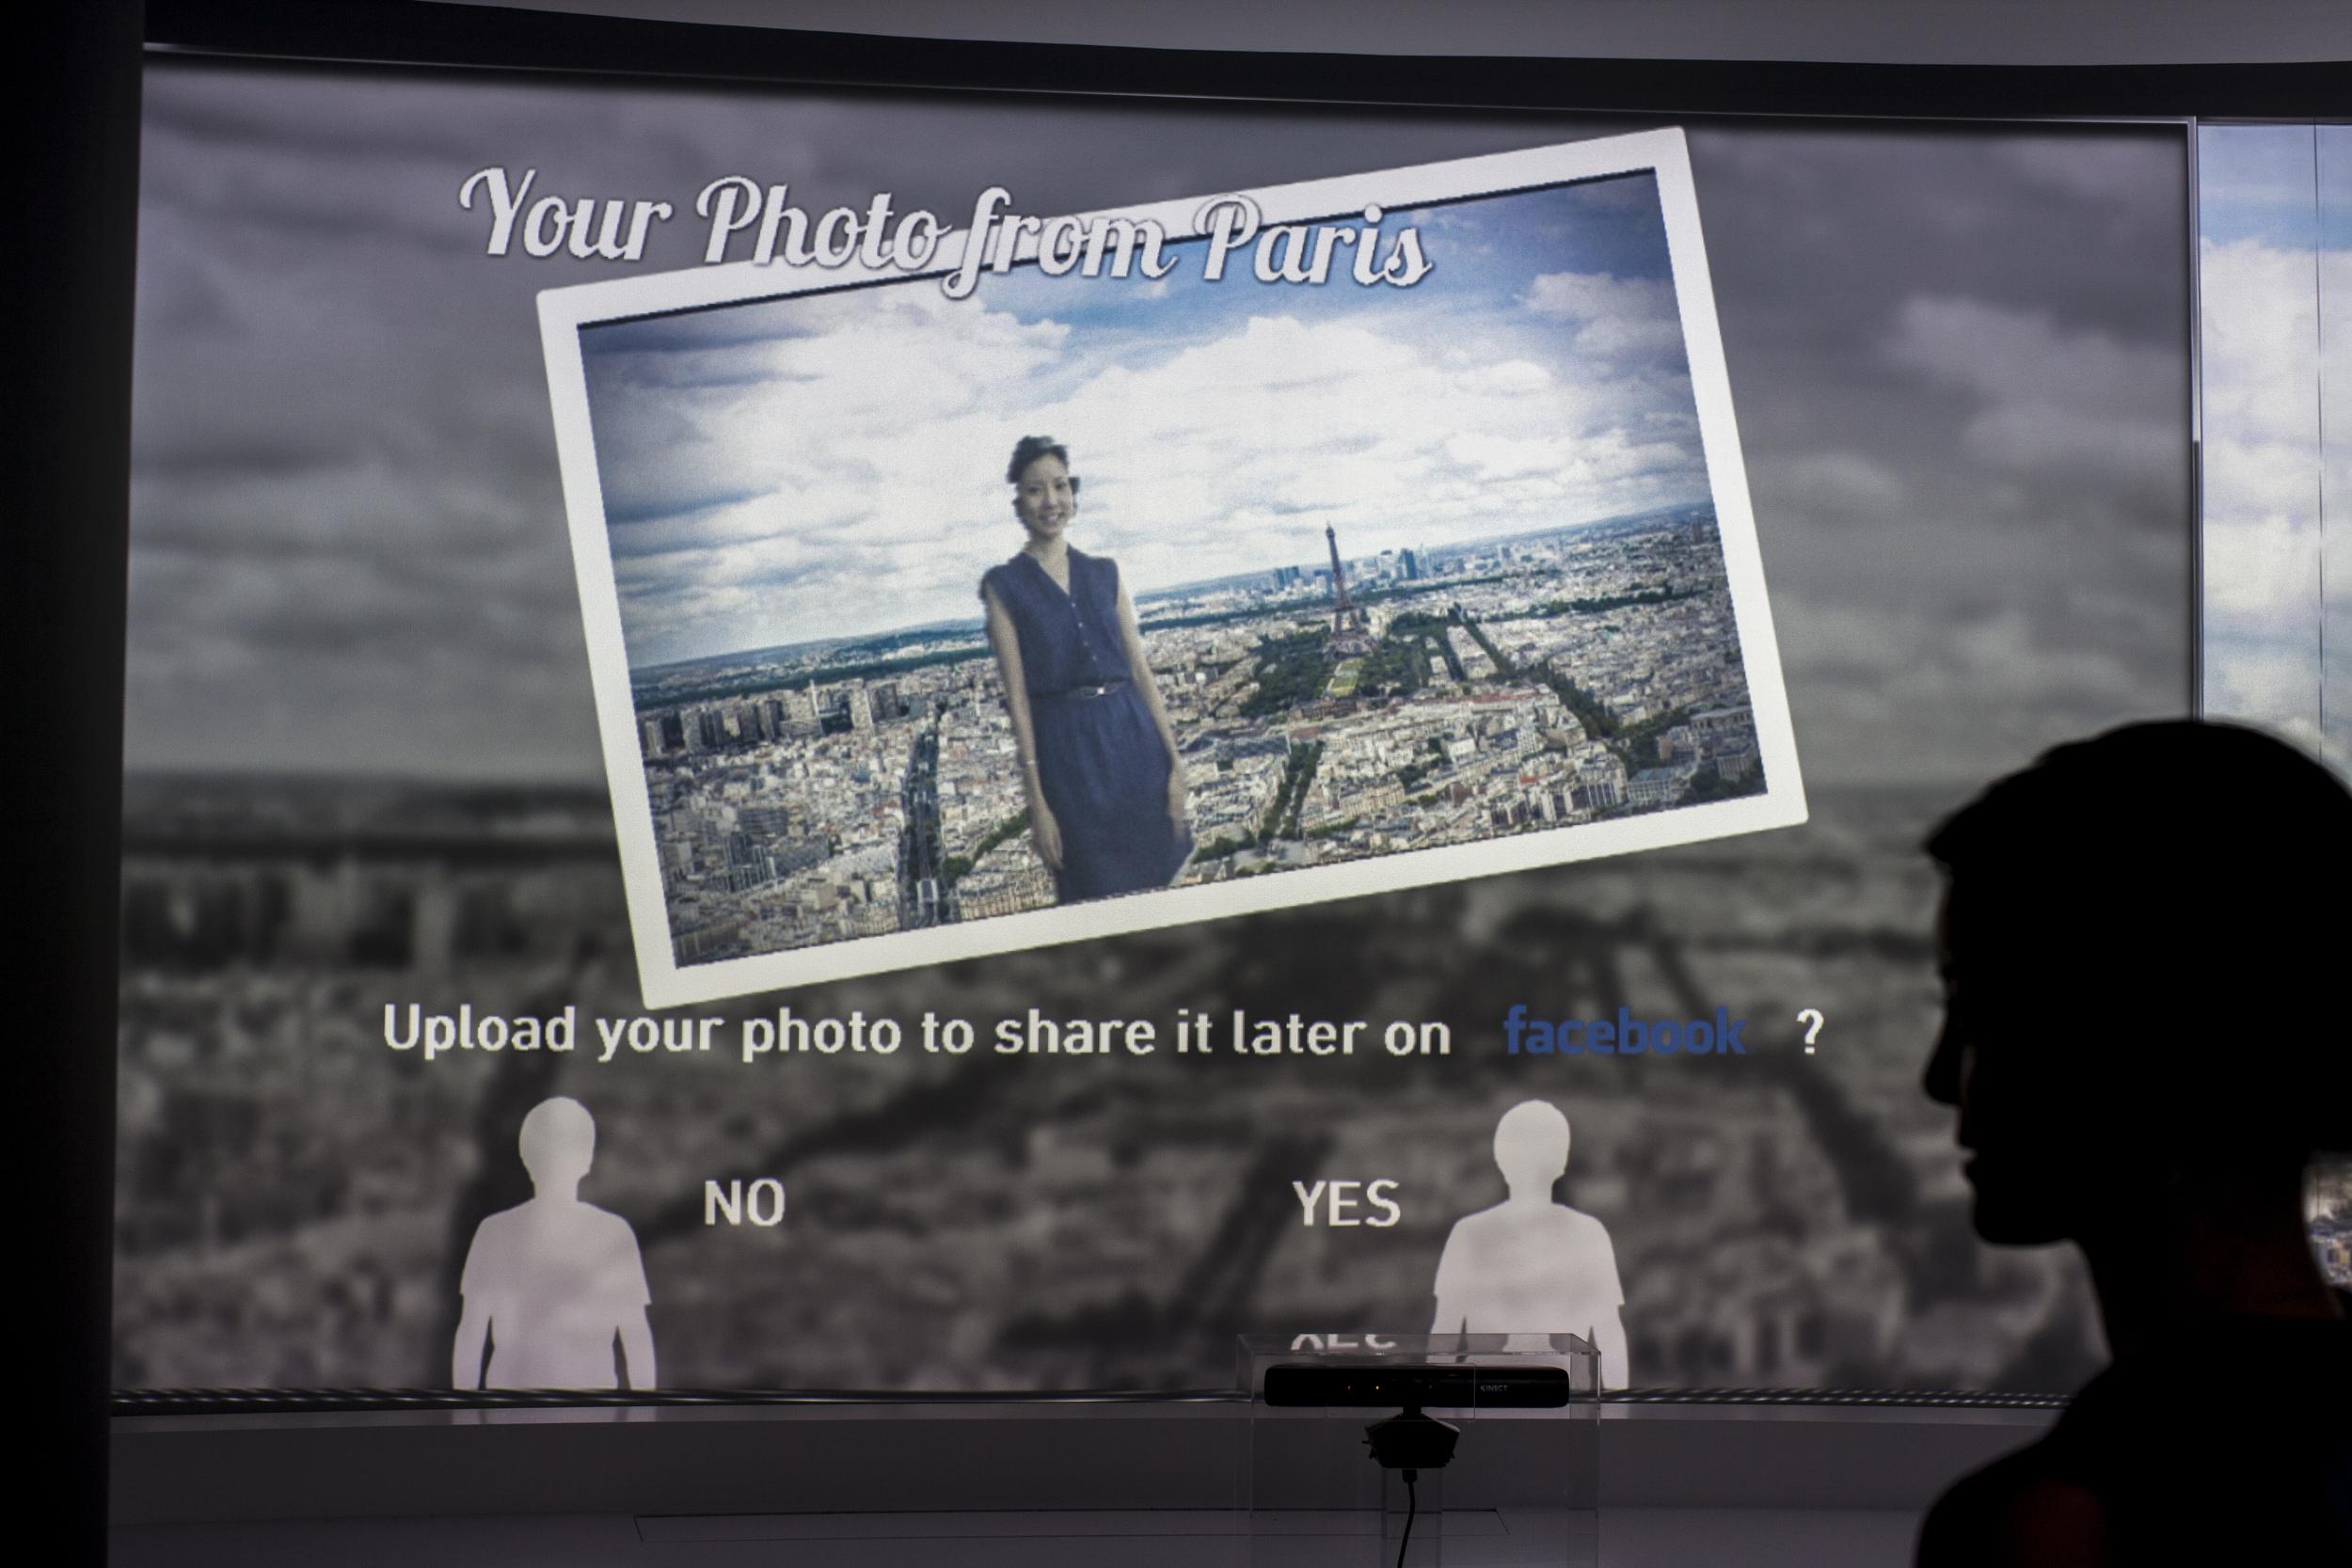 facebooking a picture in situ